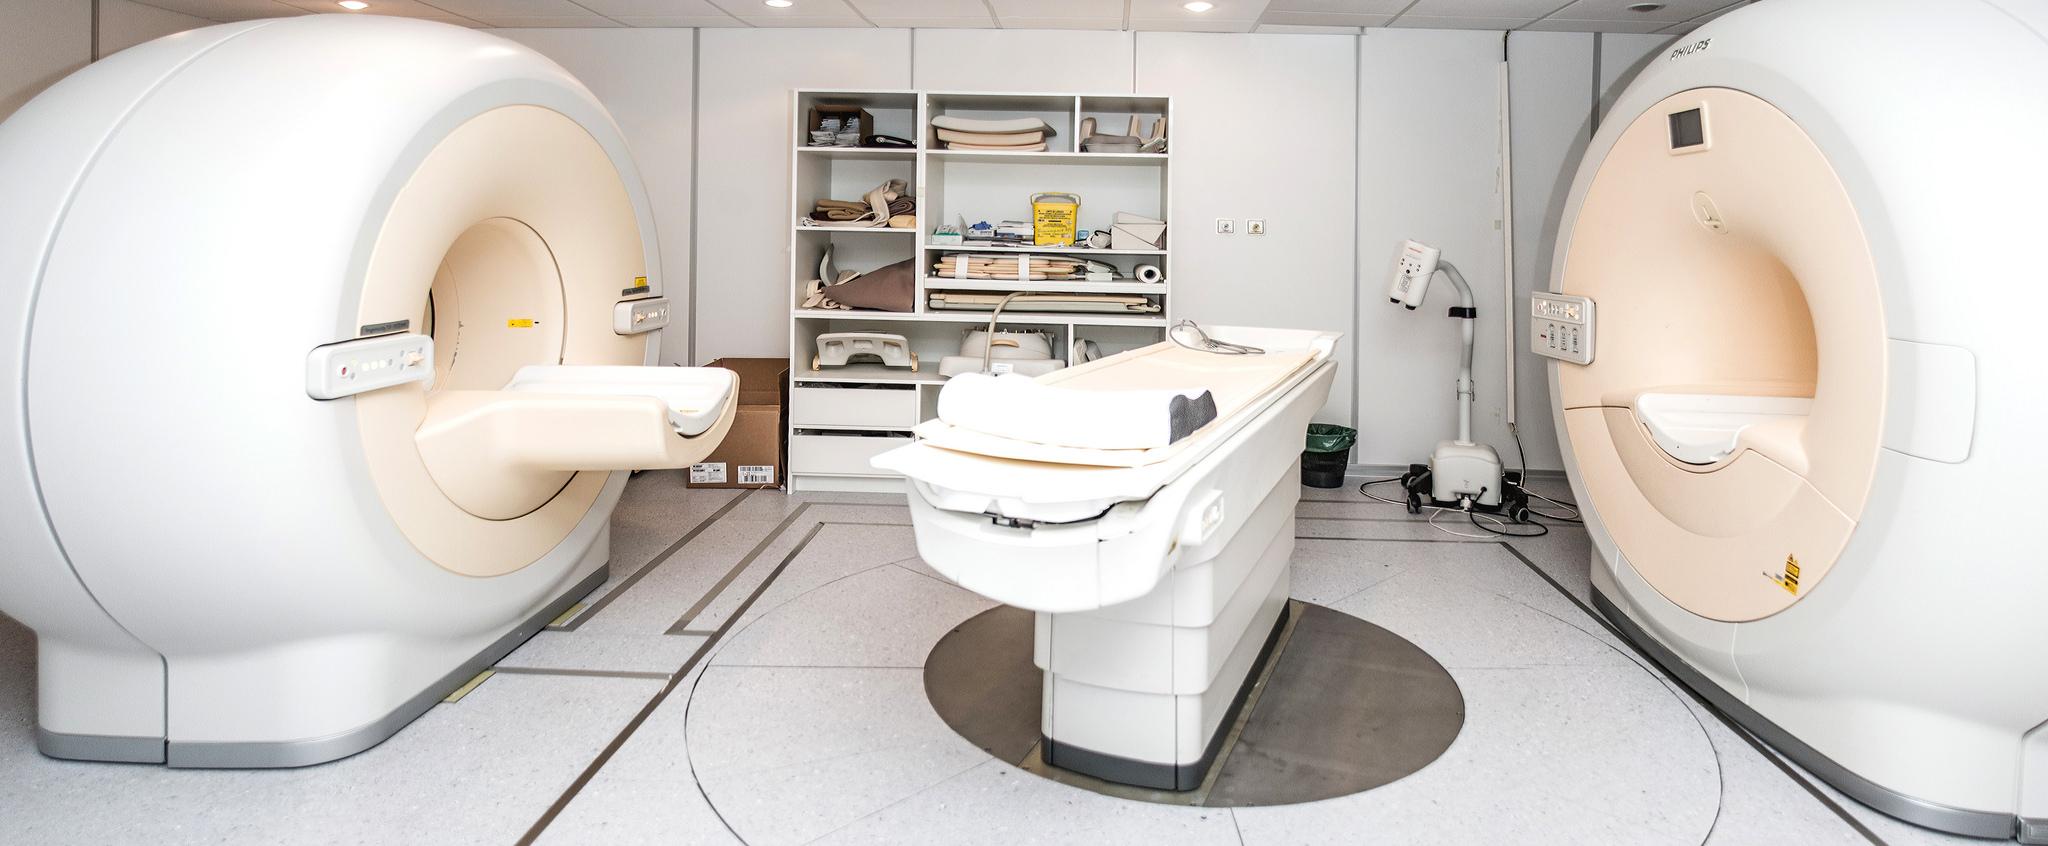 Ingenuity PET-MRI de Philips de humanos (Equipo híbrido clínico de Tomografía por Emisión de Positrones-Resonancia Magnética) 5